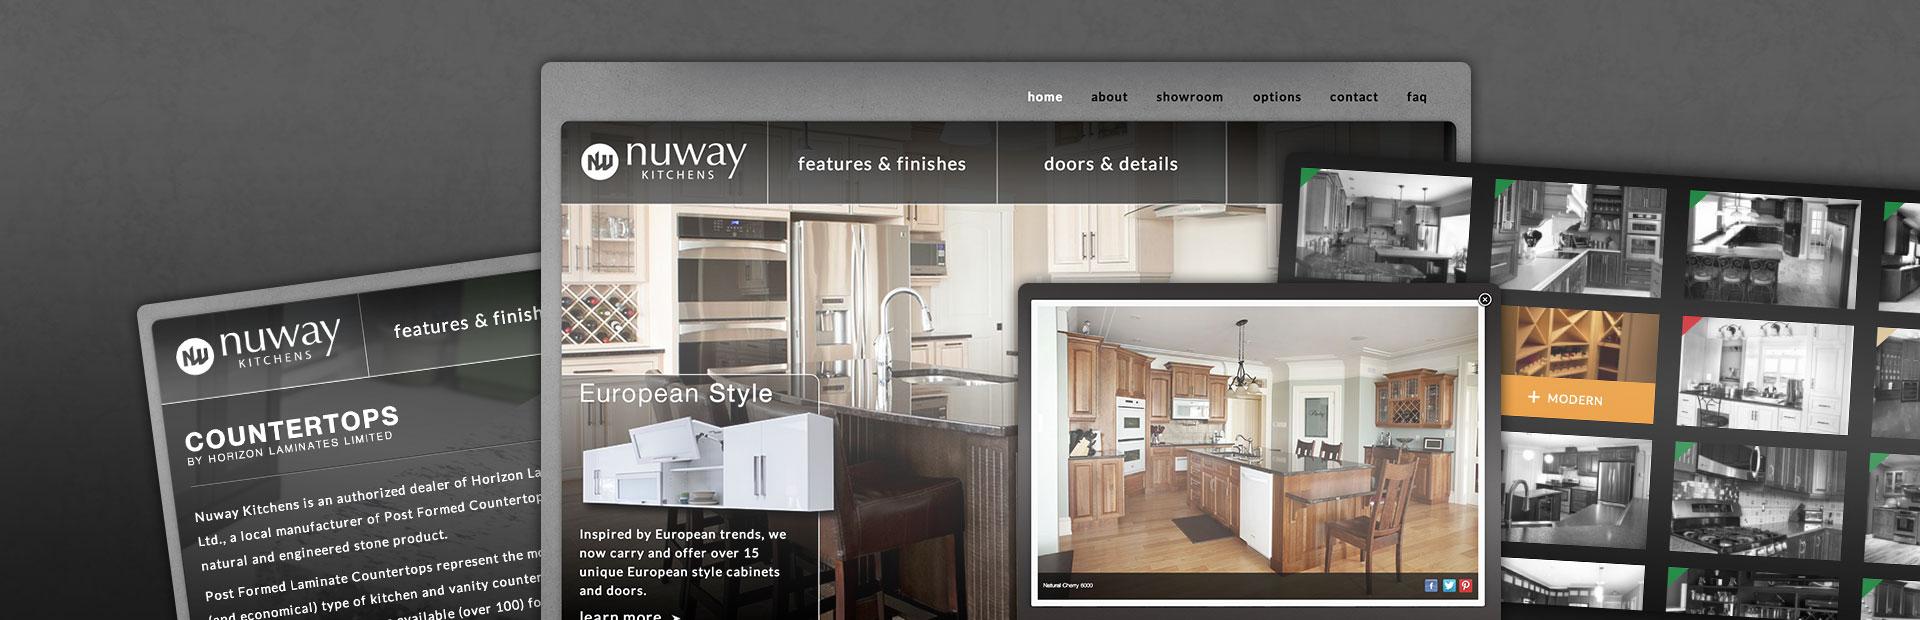 Nu Look, Nu Website, Nuway Kitchens